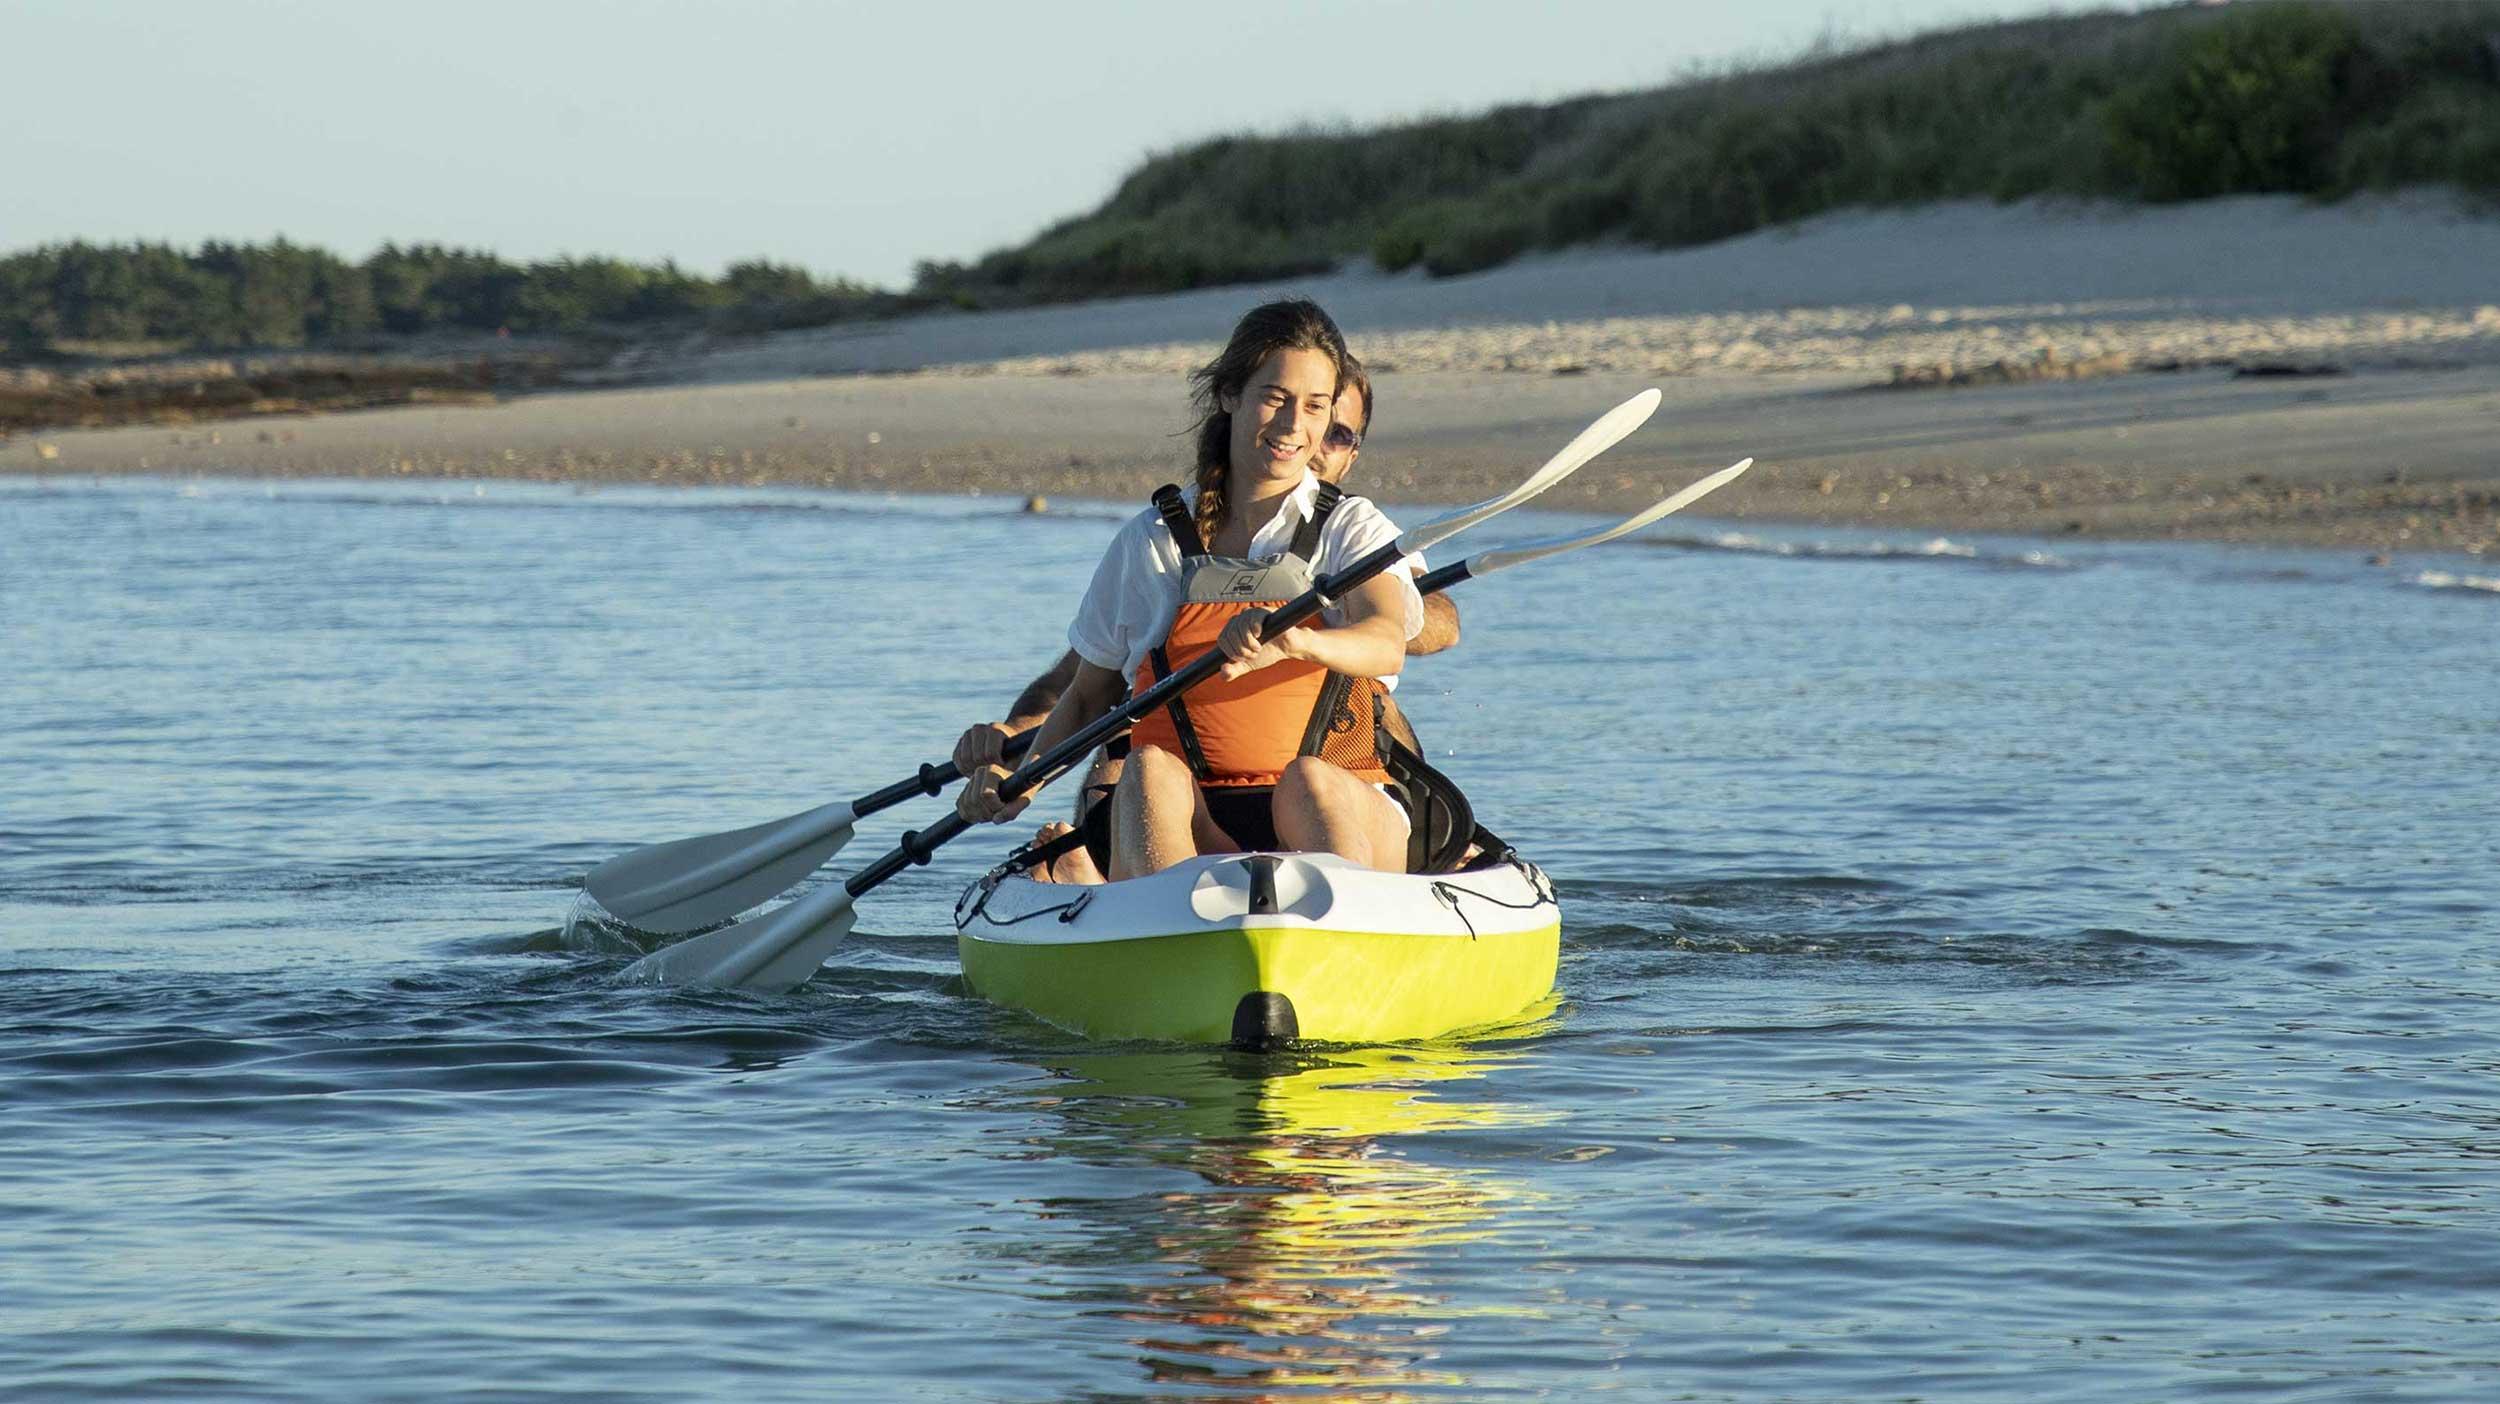 All kayaks